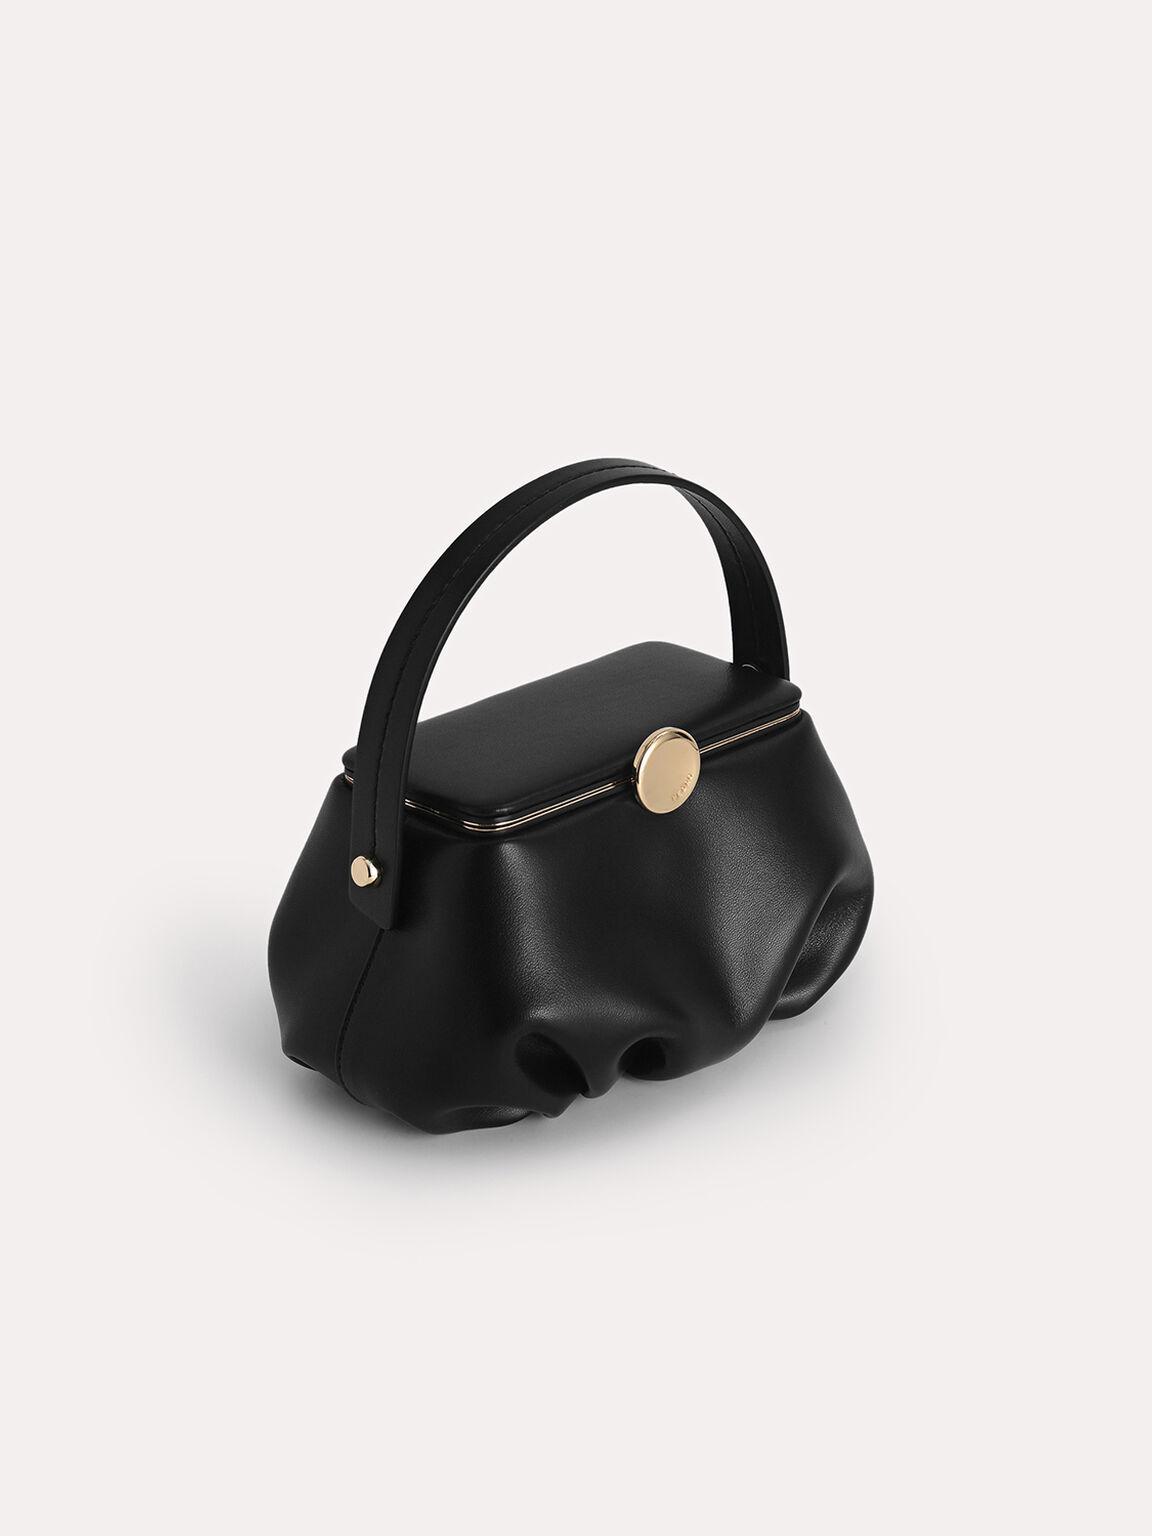 Pillow Top Handle Bag, Black, hi-res